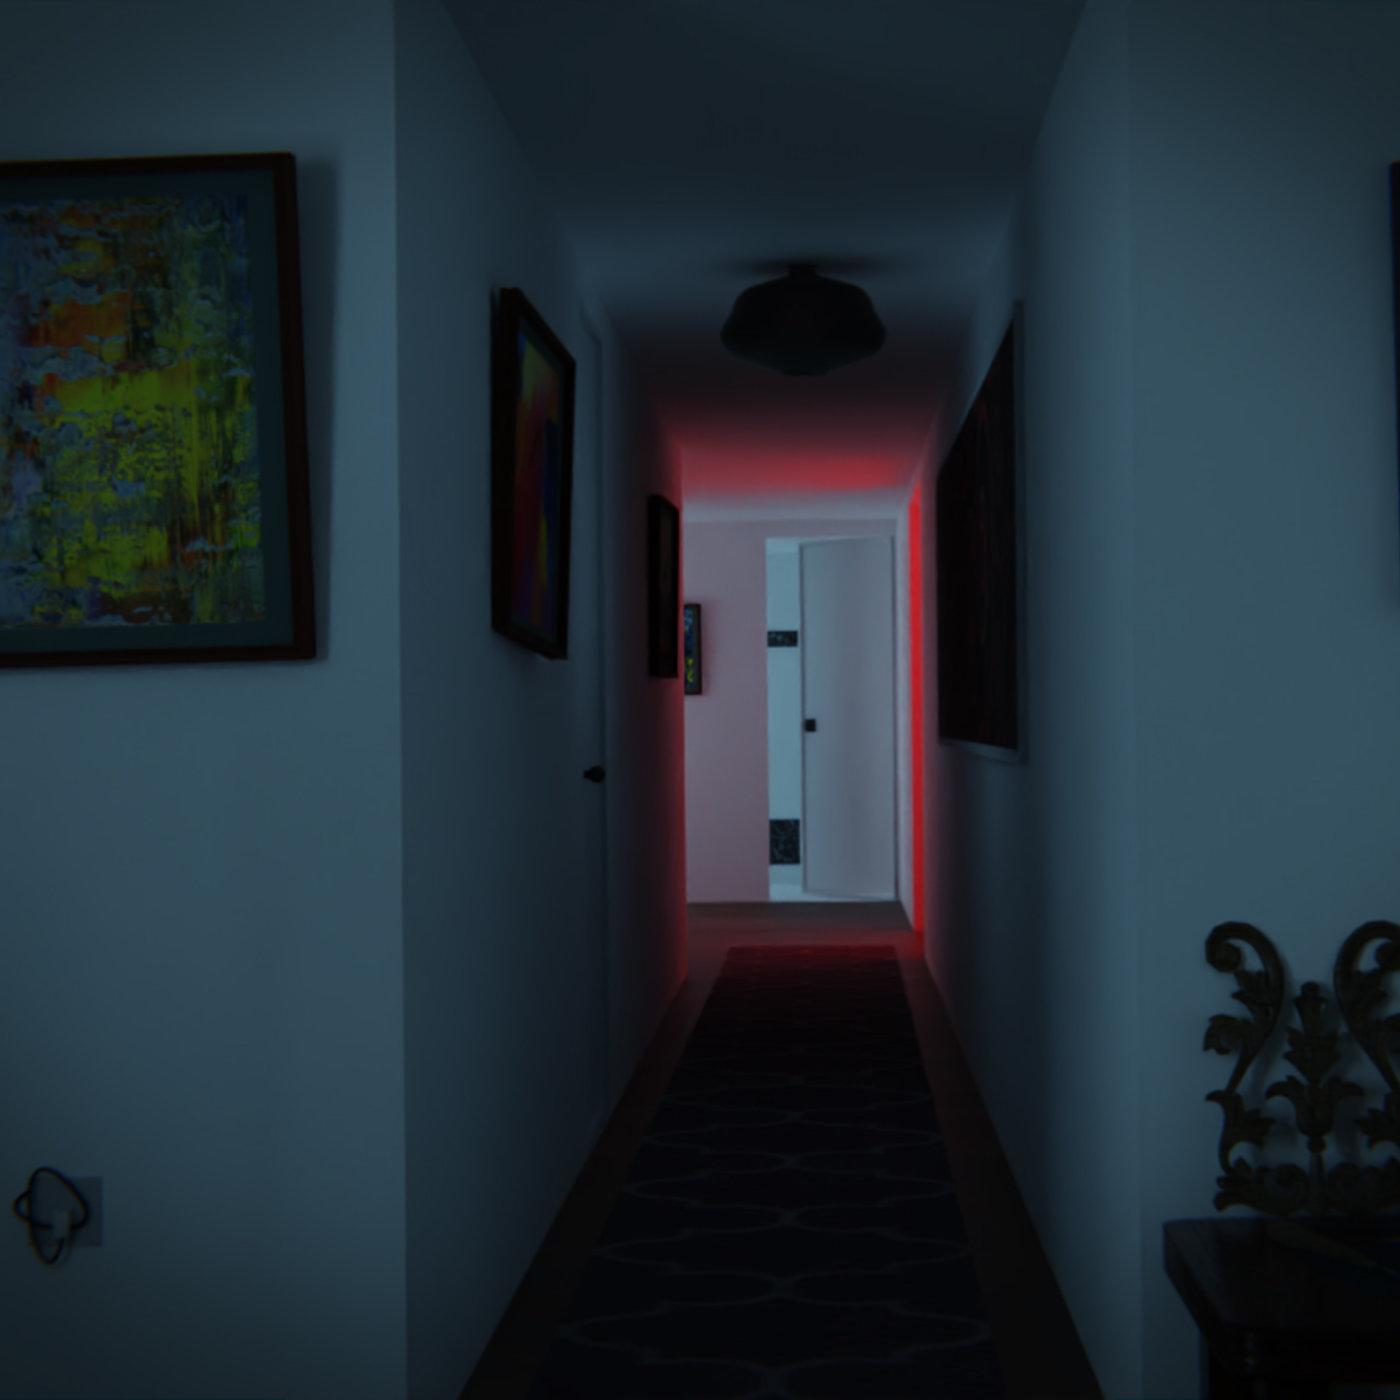 Cinematic Interior